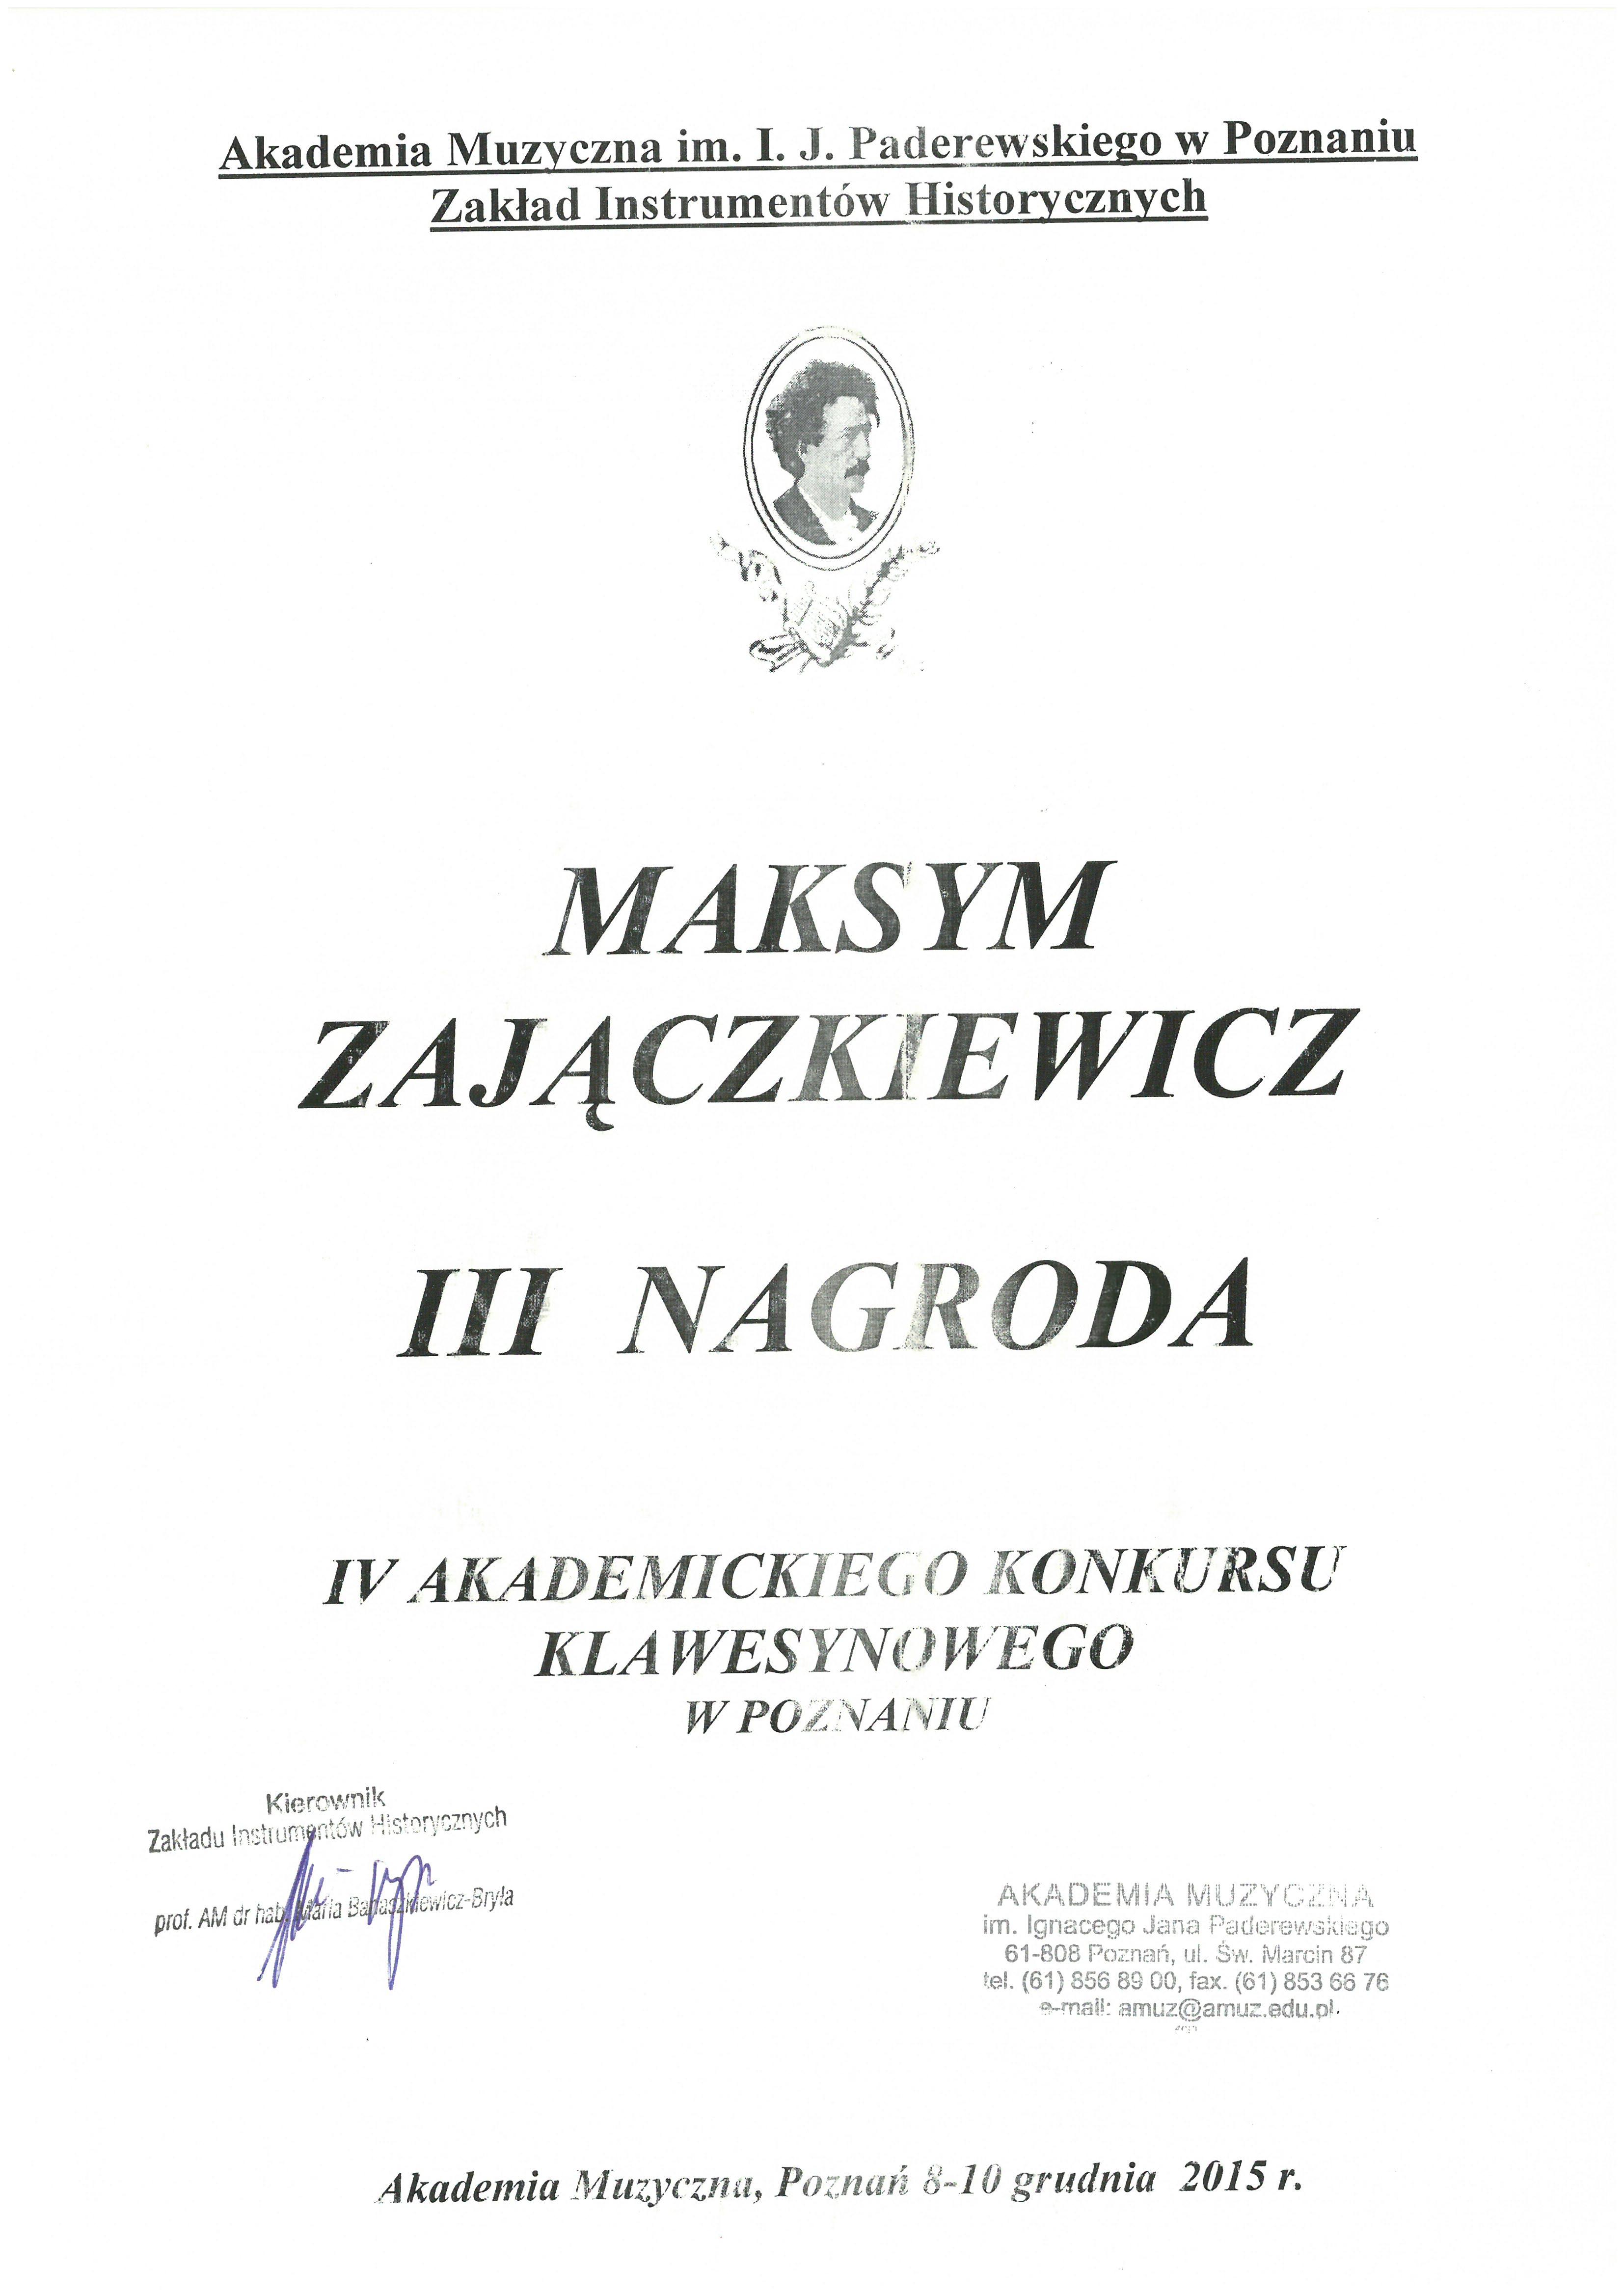 Zajaczkiewicz_III nagroda_Poznan_2015